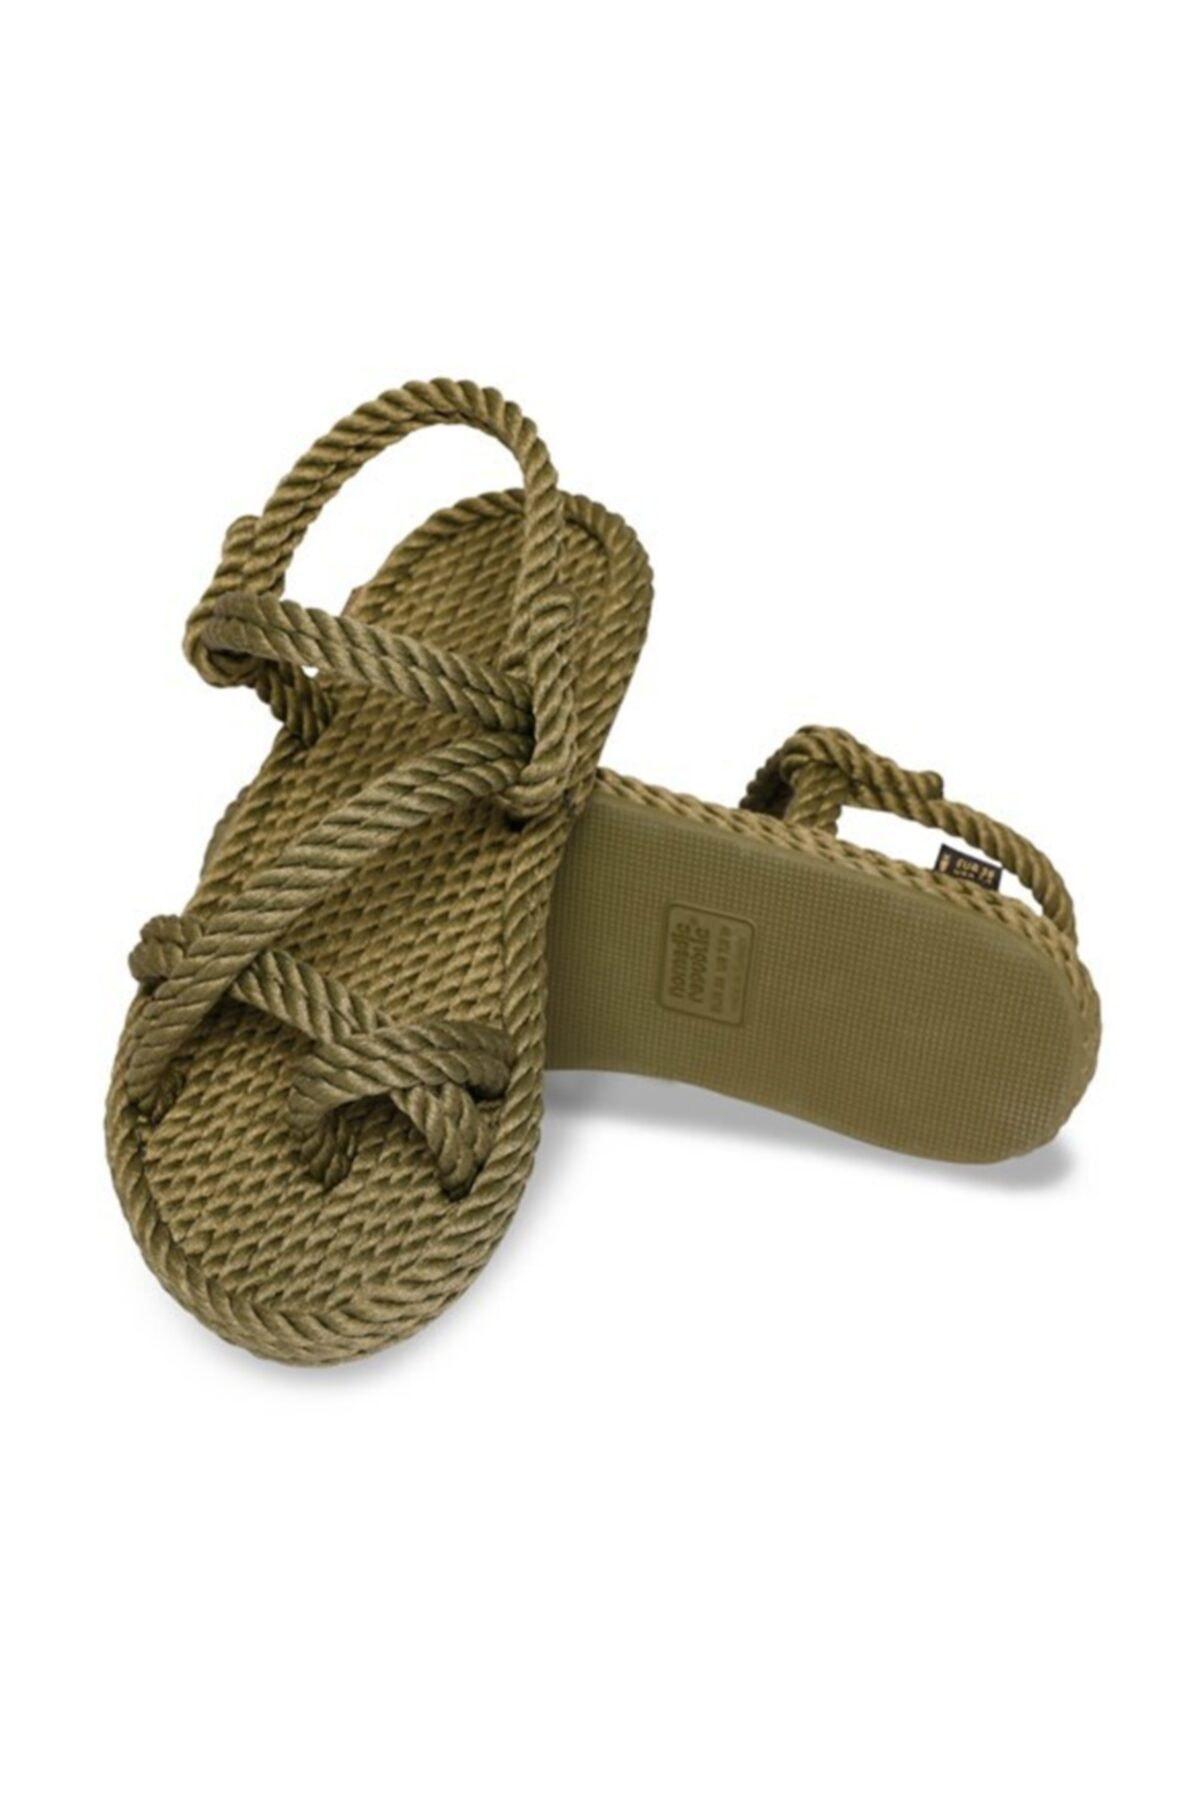 Nomadic Republic Capri Kauçuk Tabanlı Kadın Halat Sandalet – Haki